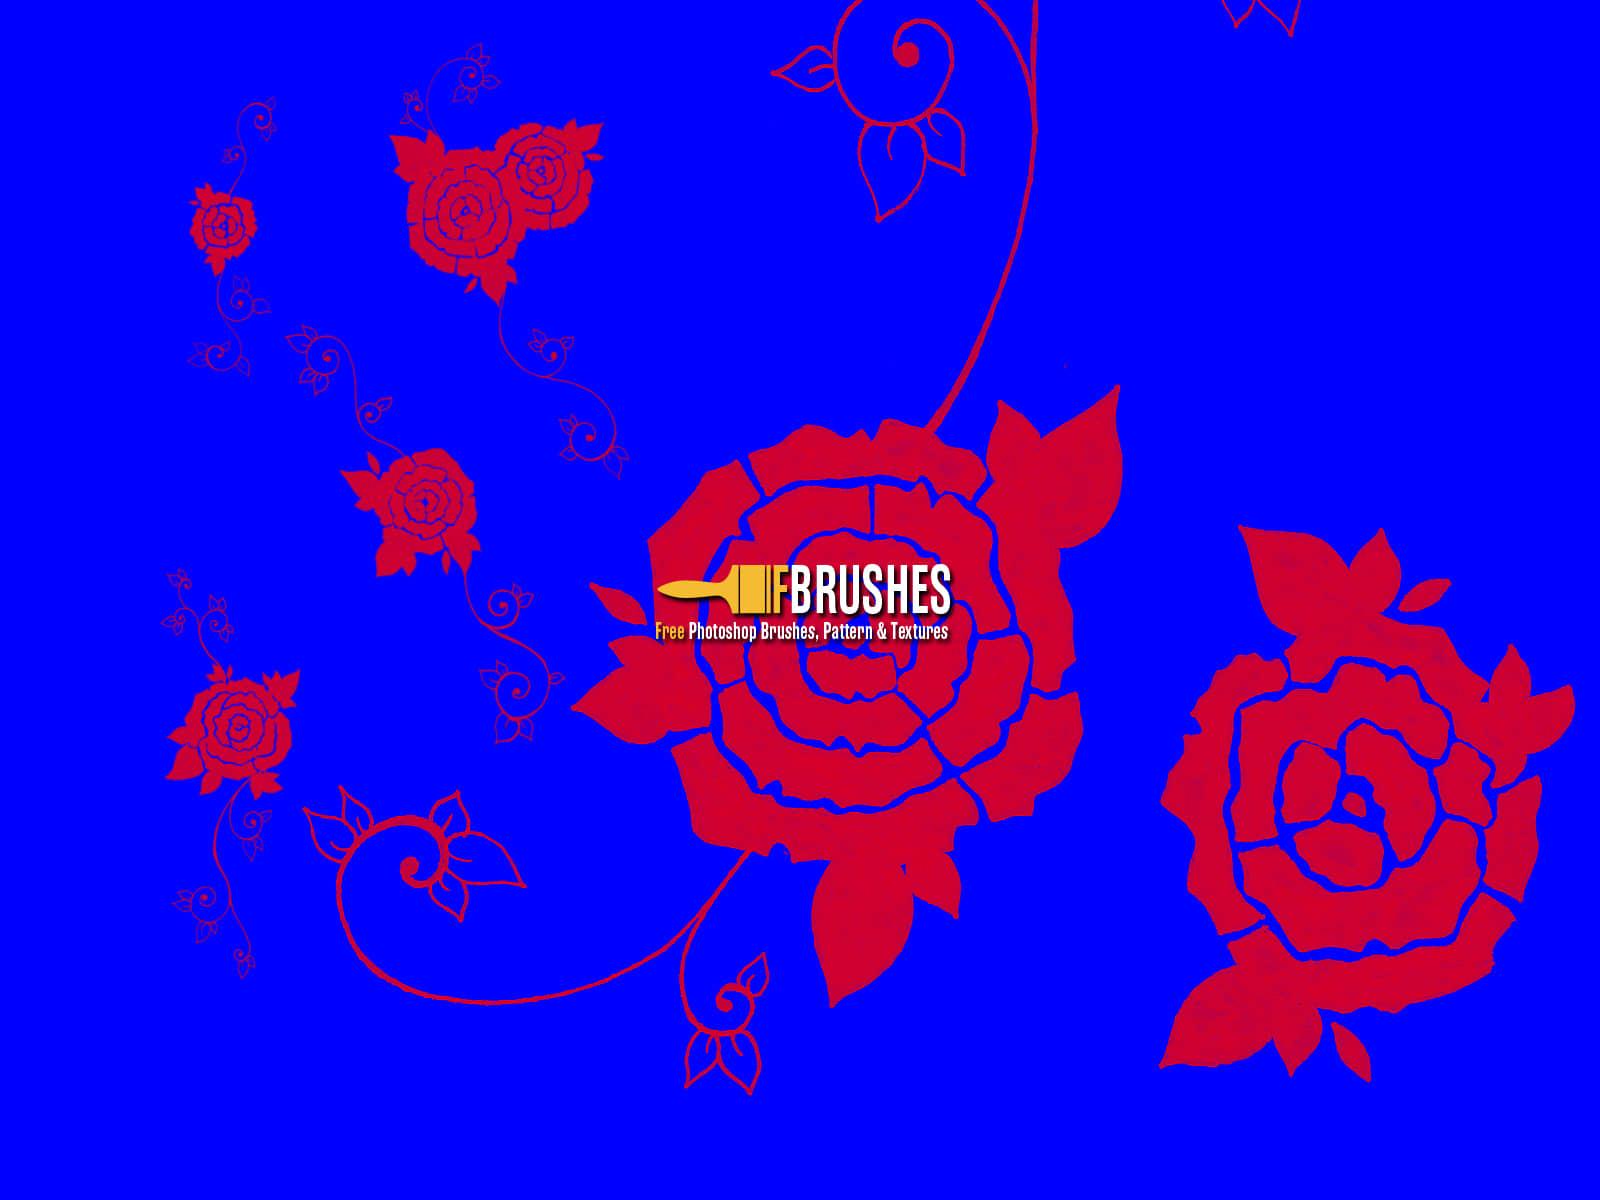 玫瑰花纹图案Photoshop印花笔刷下载 玫瑰花笔刷 植物花纹笔刷 印花笔刷  flowers brushes